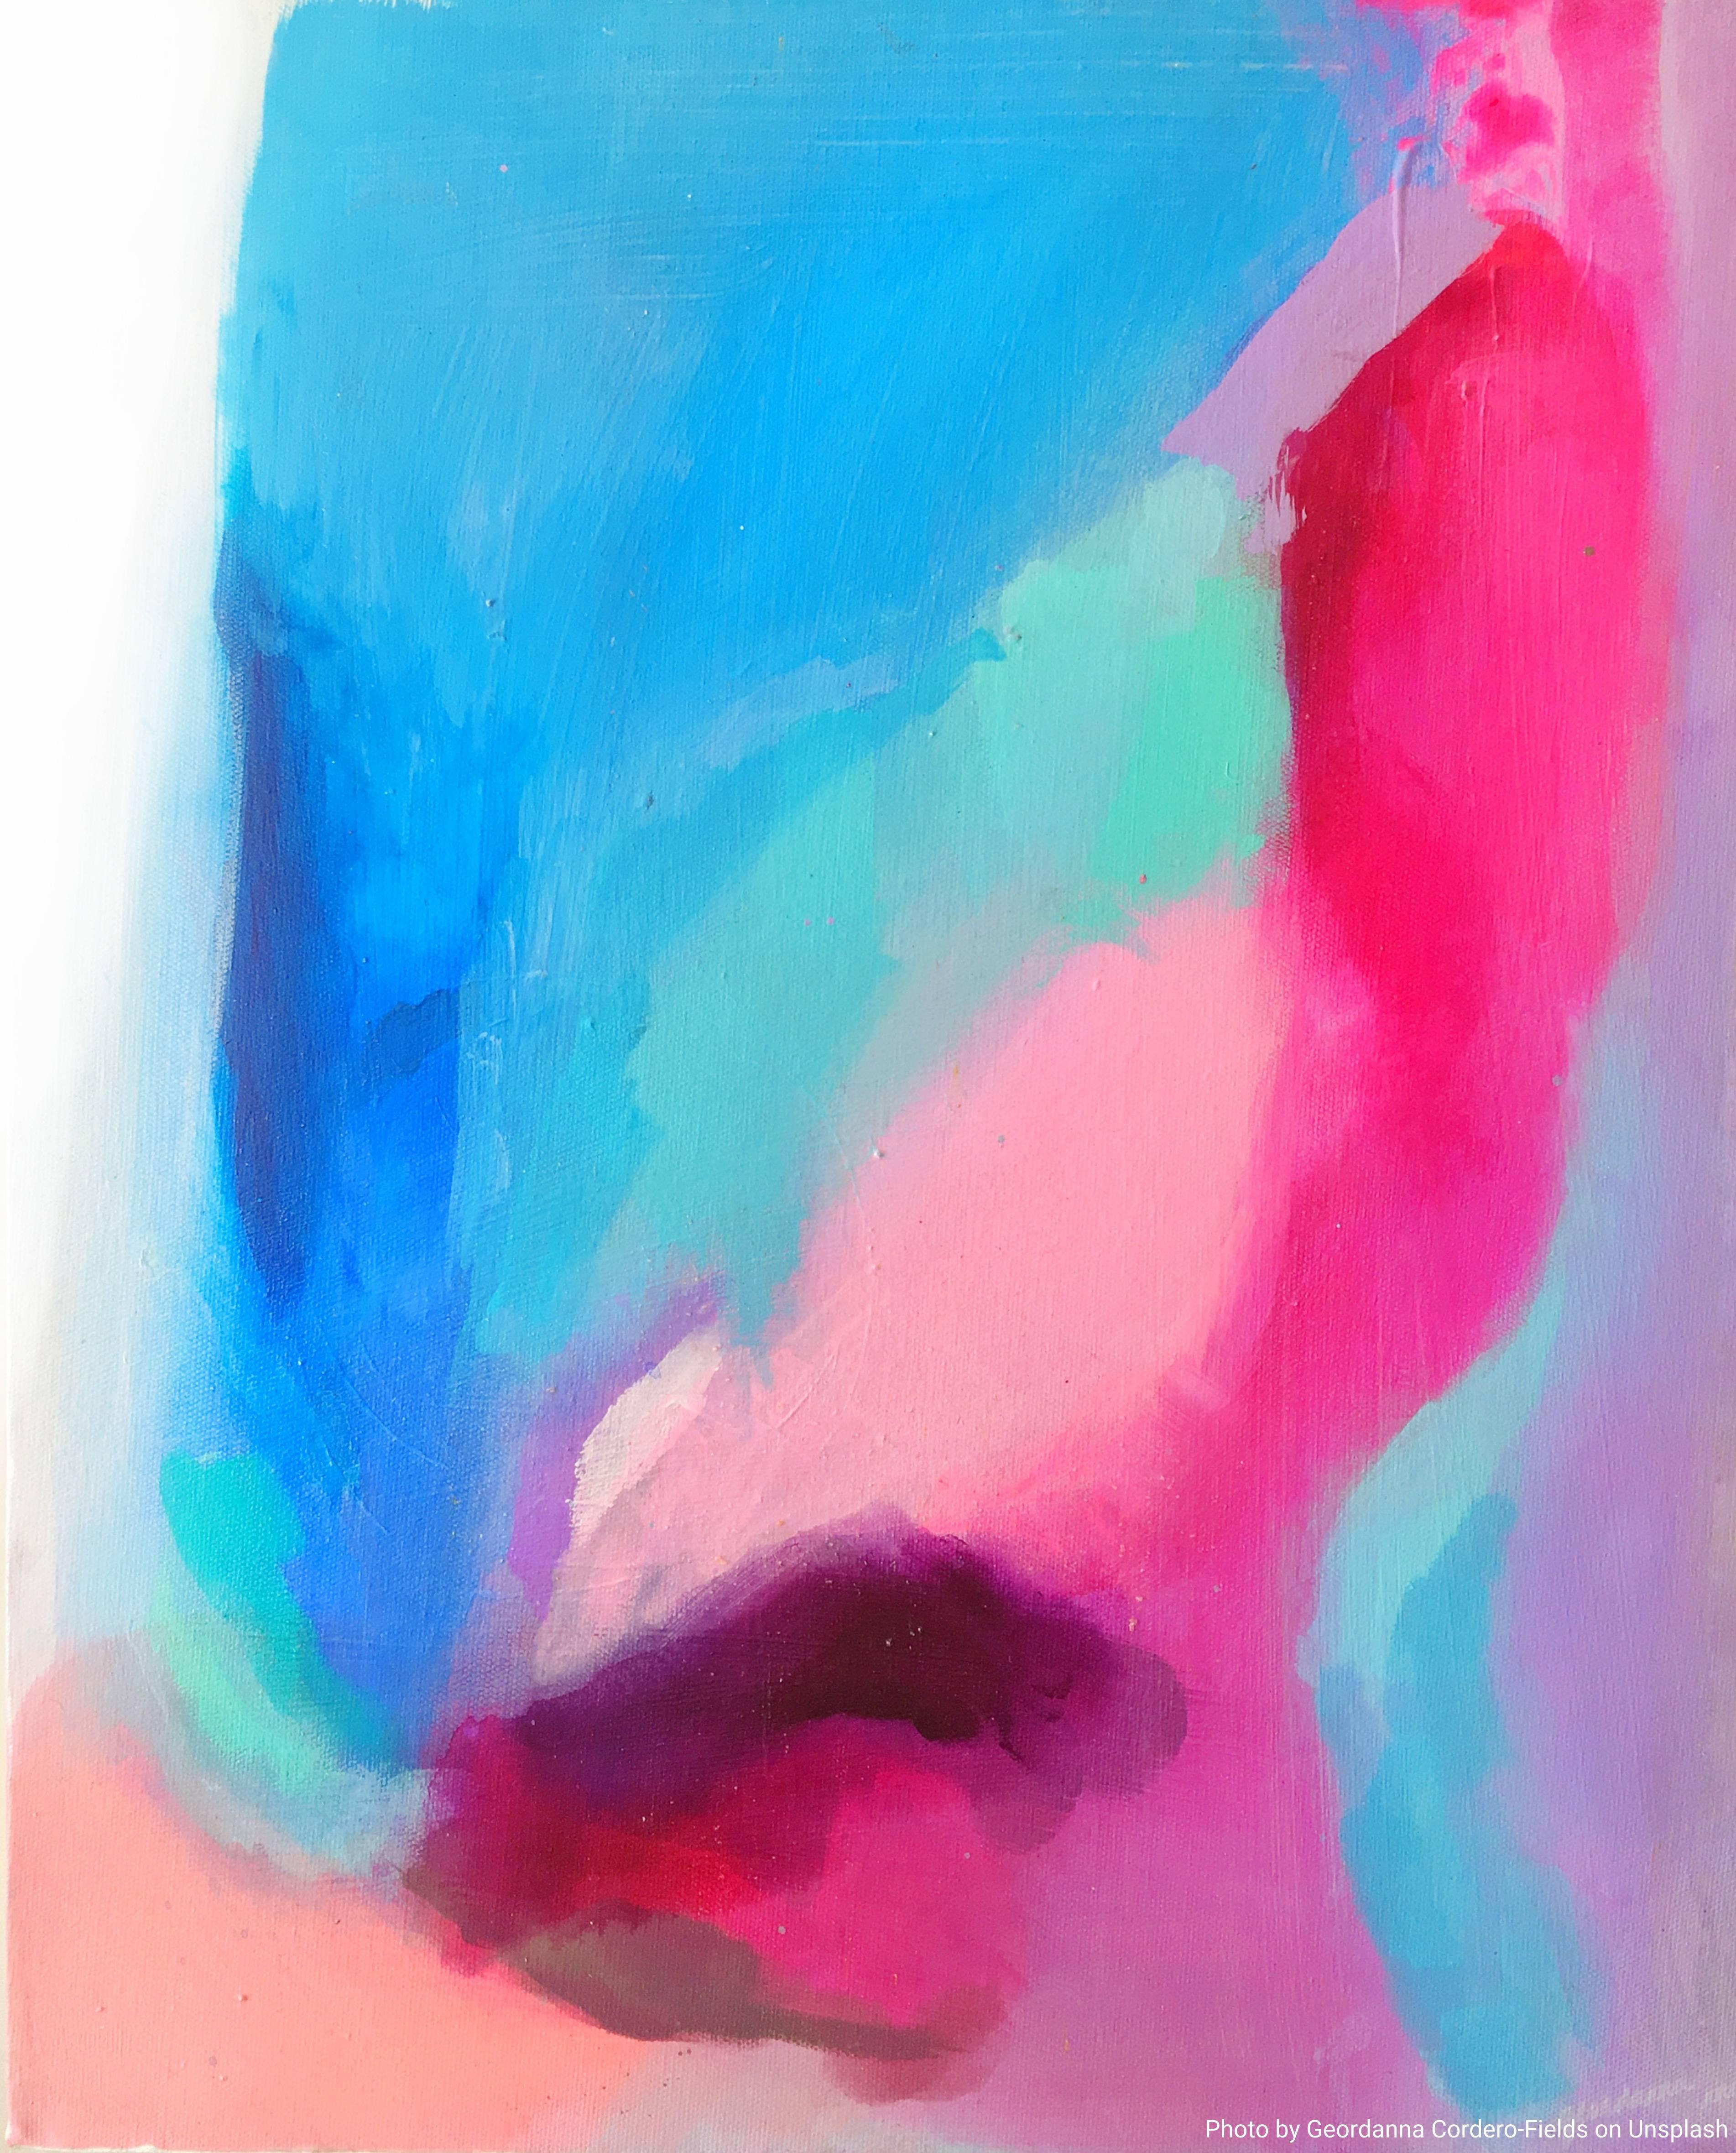 Arte astratta con sfumature di rosa e blu